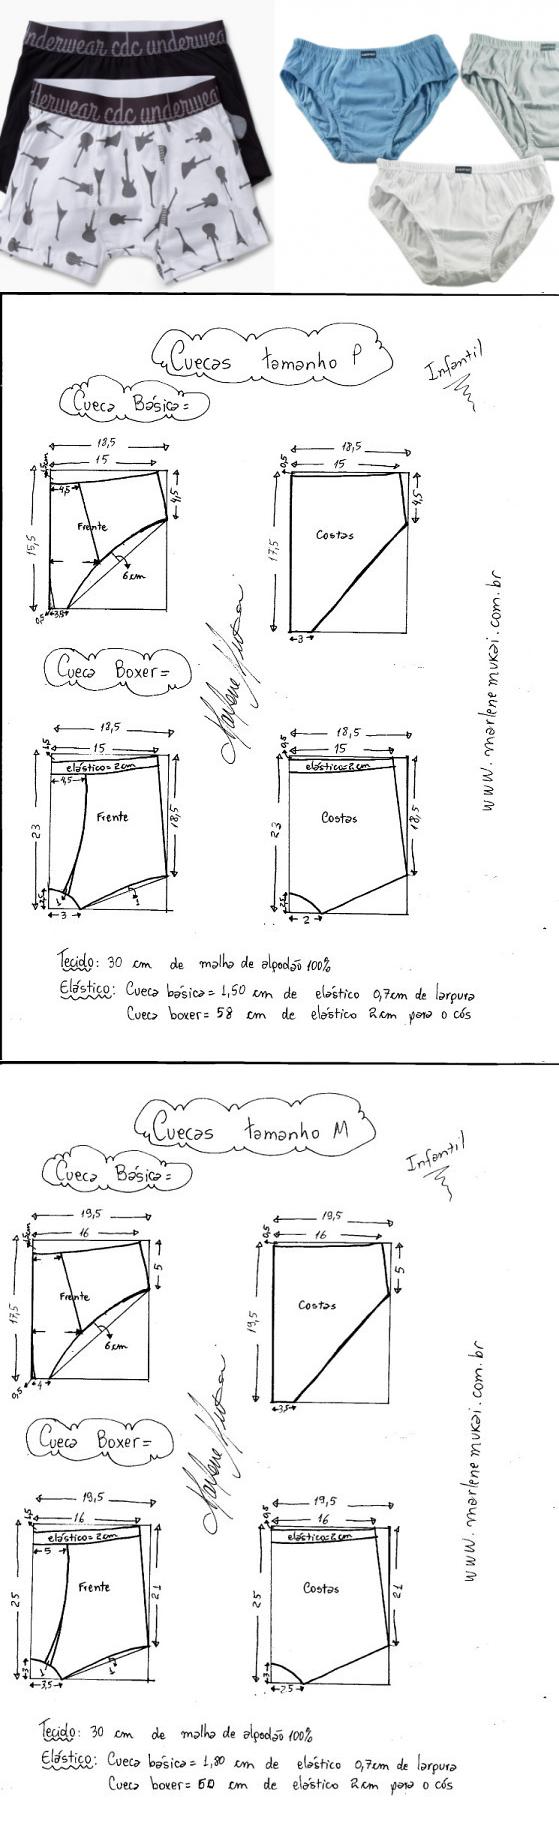 Готовые выкройки | Costura | Pinterest | Varrás, Szabás-varrás y ...